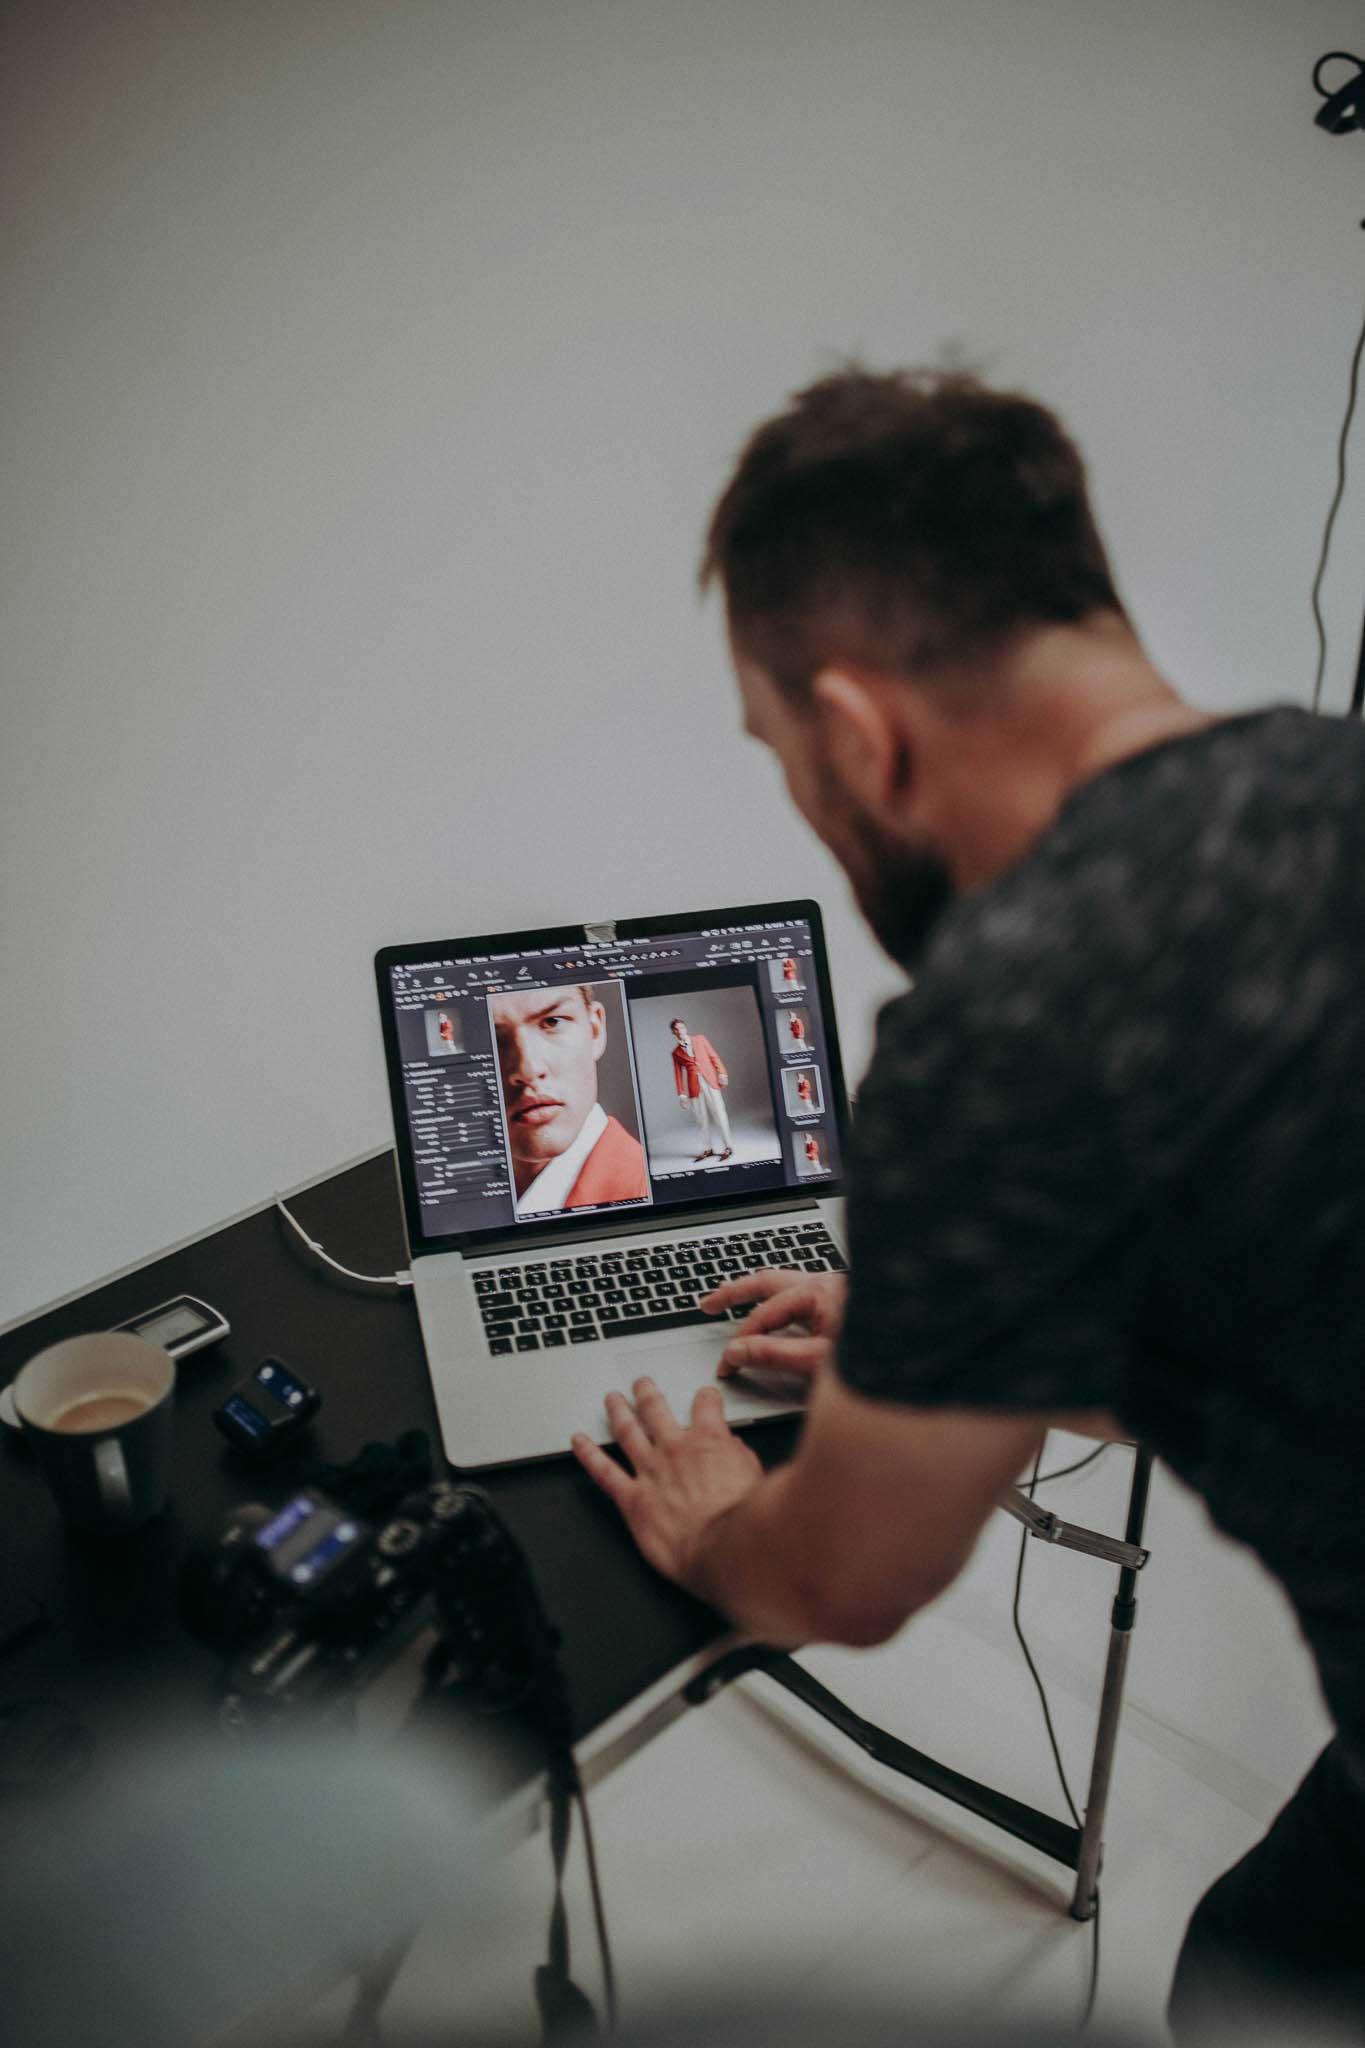 Fotograf Jacek Ura przegląda ujęcia z sesji zdjęciowej